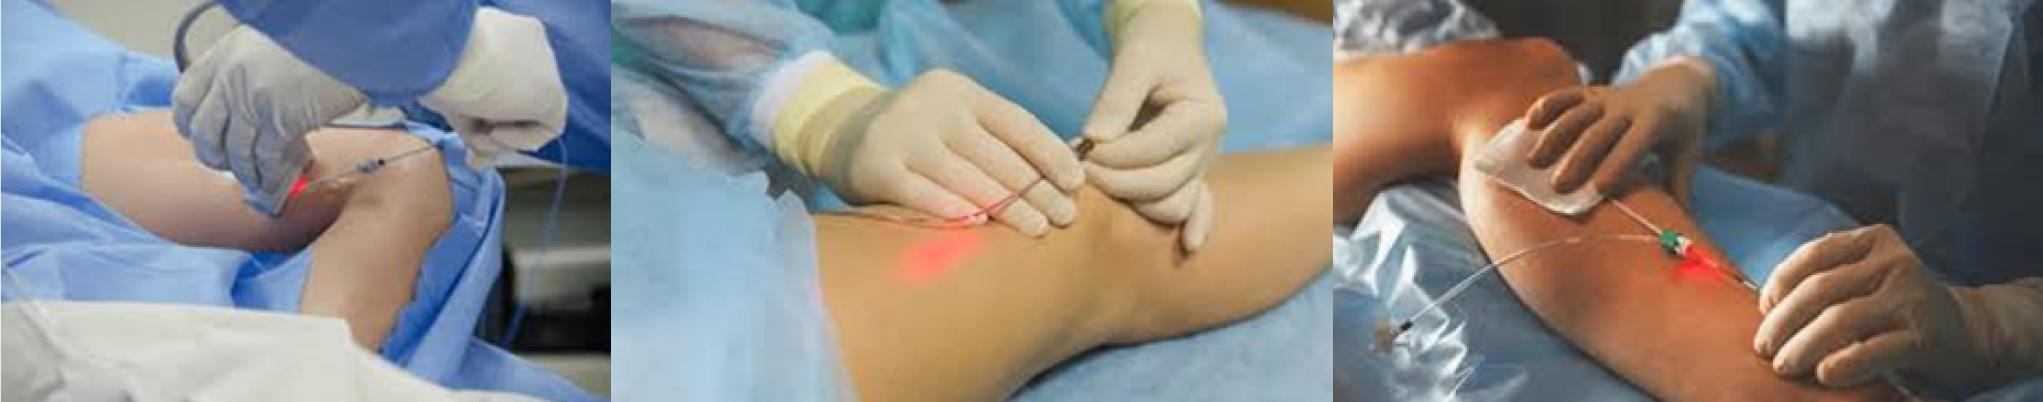 Vorgehen Lasertherapie